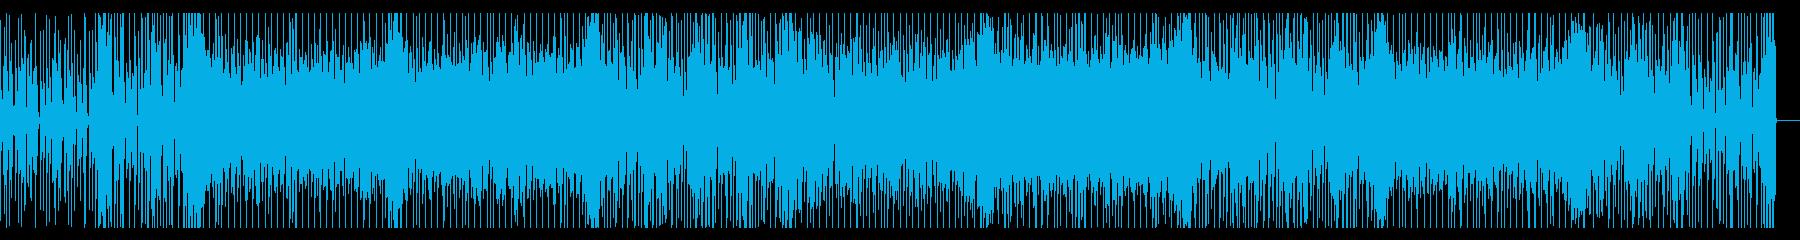 ちょっと妖しくて可愛いテクノ曲の再生済みの波形